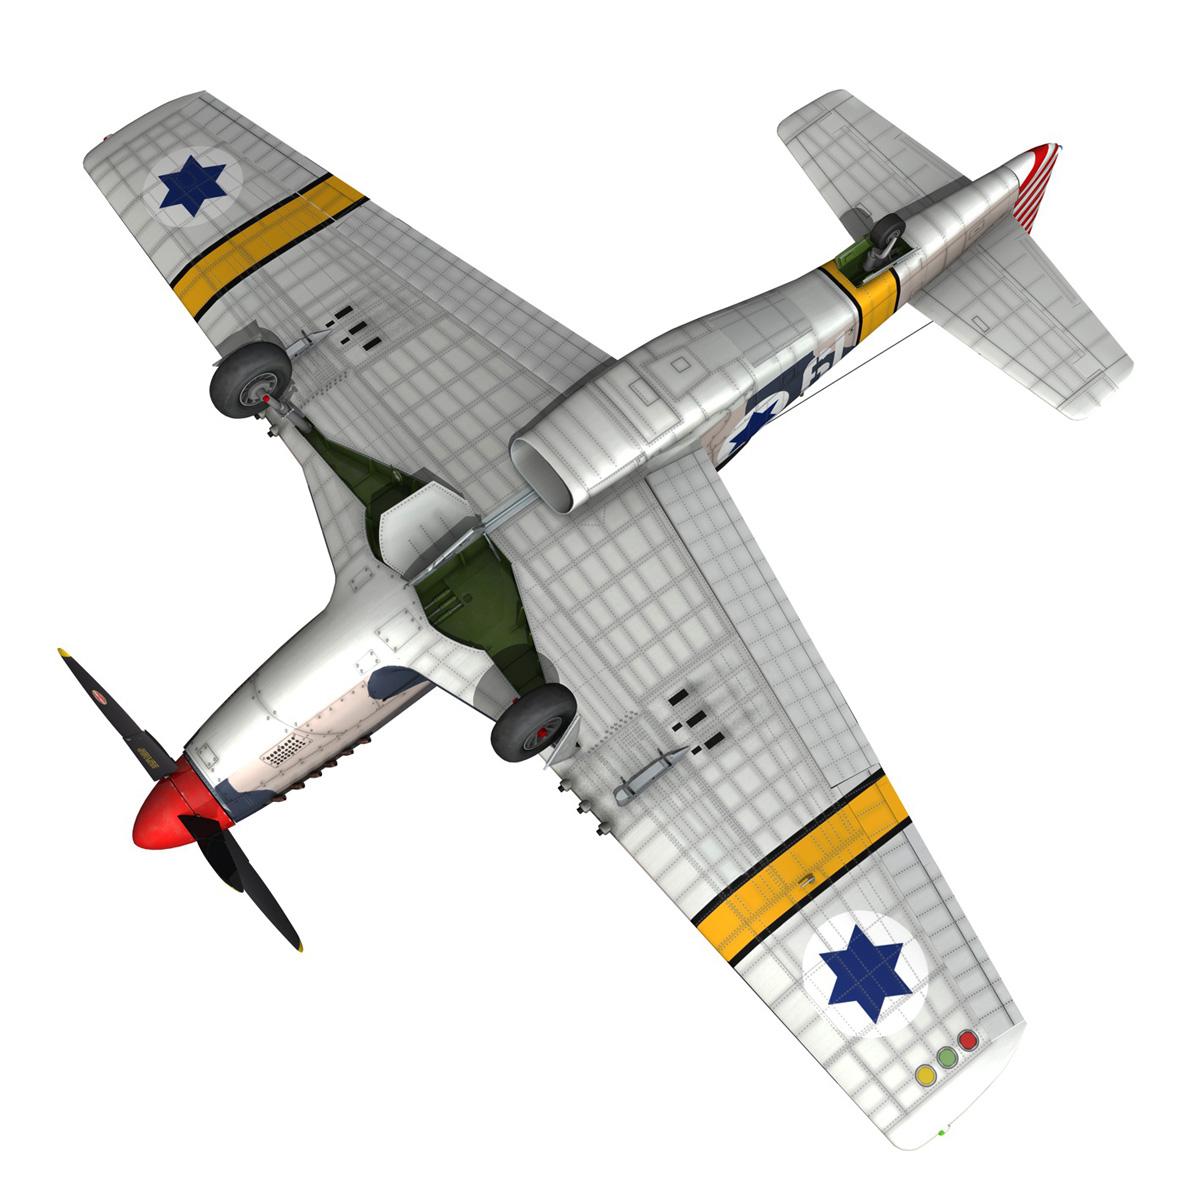 North American P-51D Mustang - IDF 3d model fbx c4d lwo lws lw obj 273323